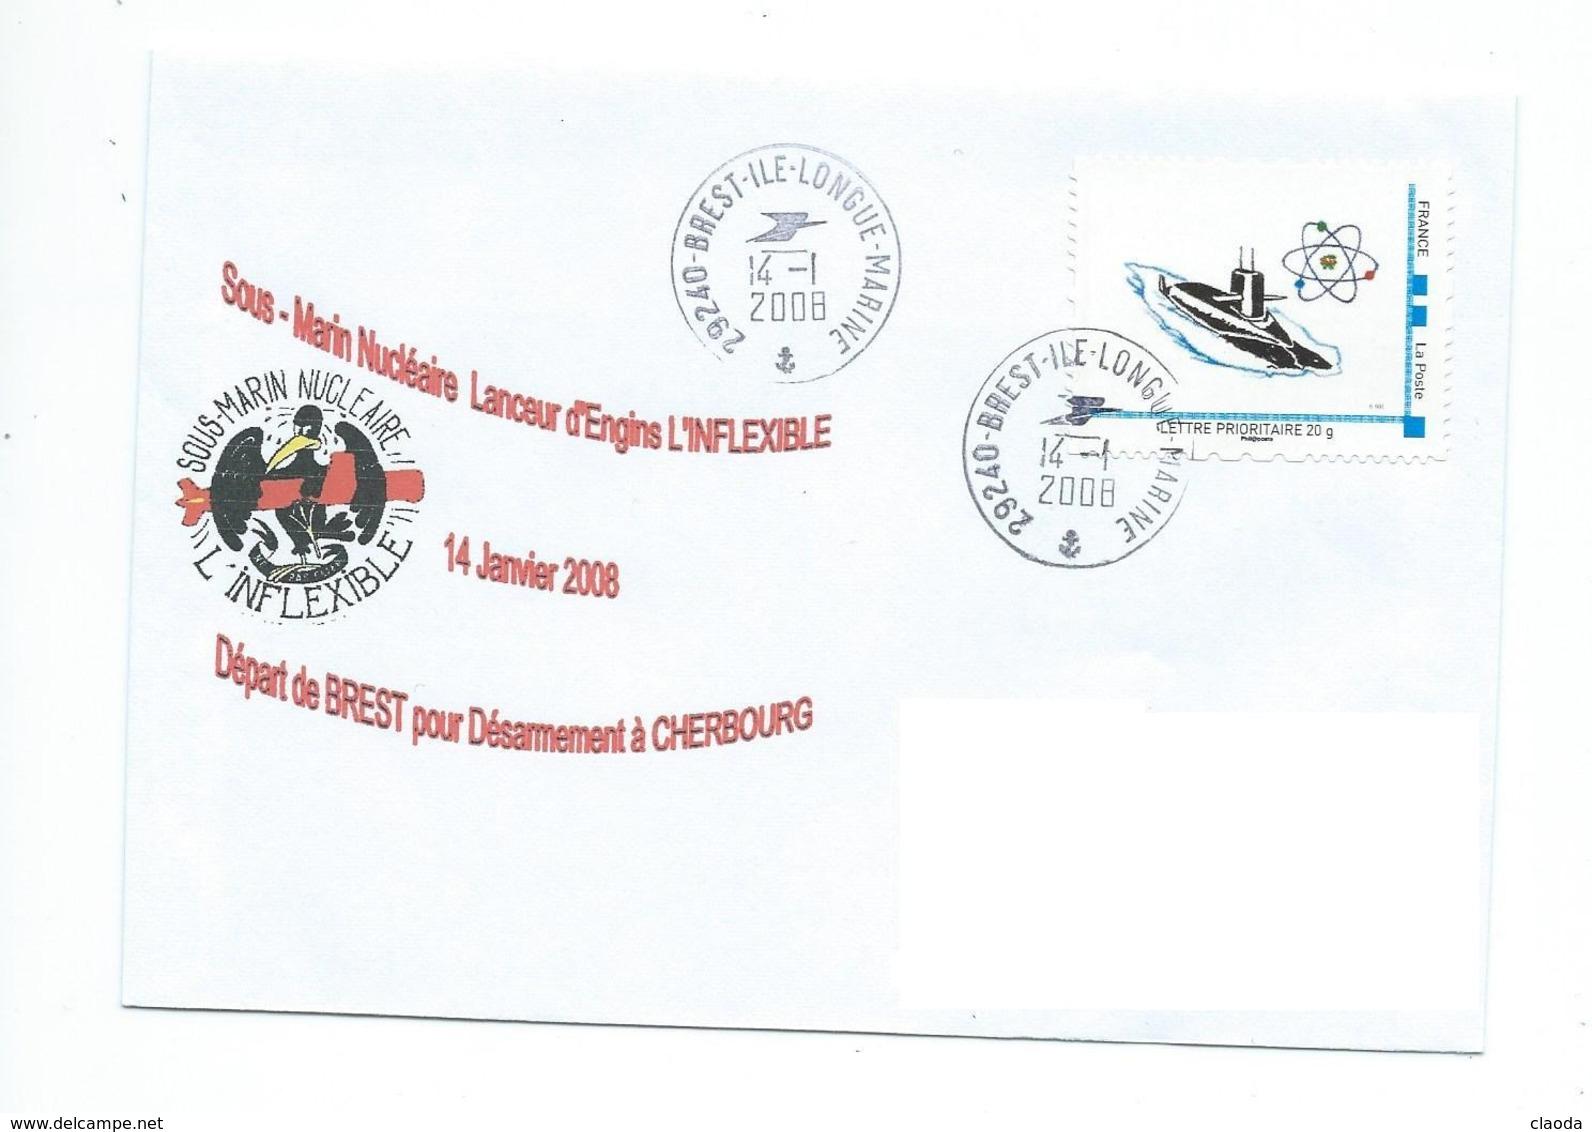 17240 - SNLE L'INFLEXIBLE Départ De BREST Pour CHERBOURG (Désarmement) 14 Janvier 2008 - BREST -ÎLE LONGUE - Postmark Collection (Covers)